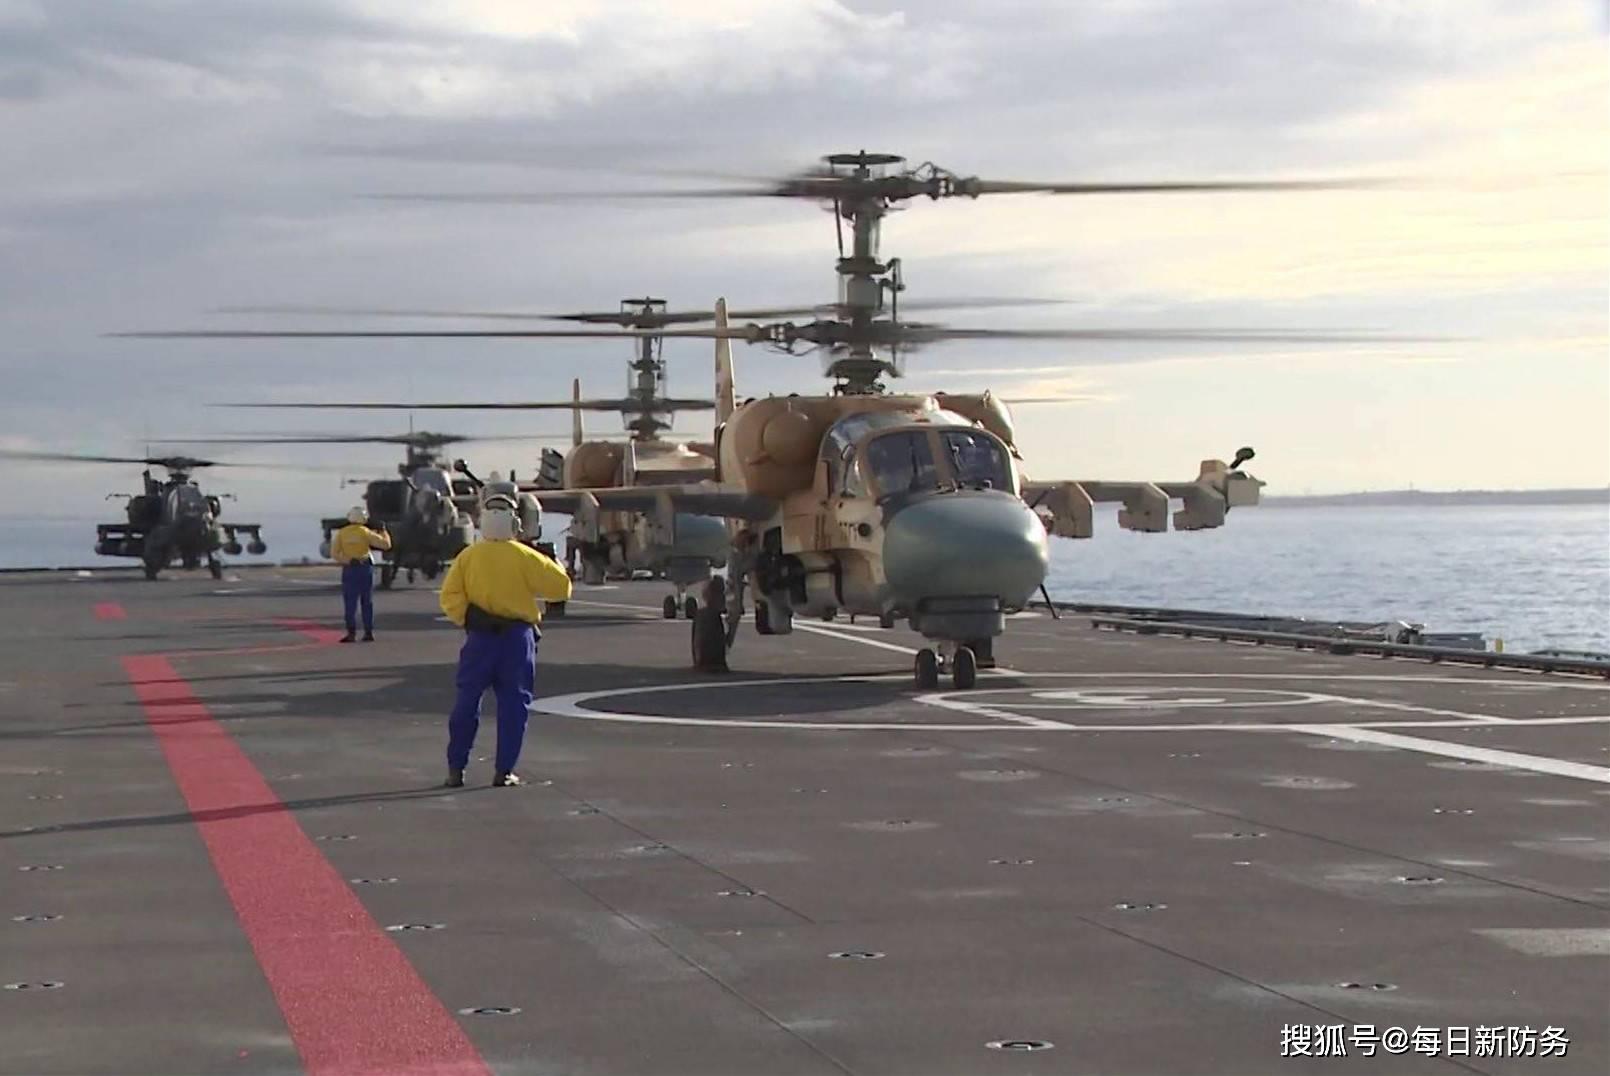 中国可能购买俄罗斯卡-52直升机装备075两栖攻